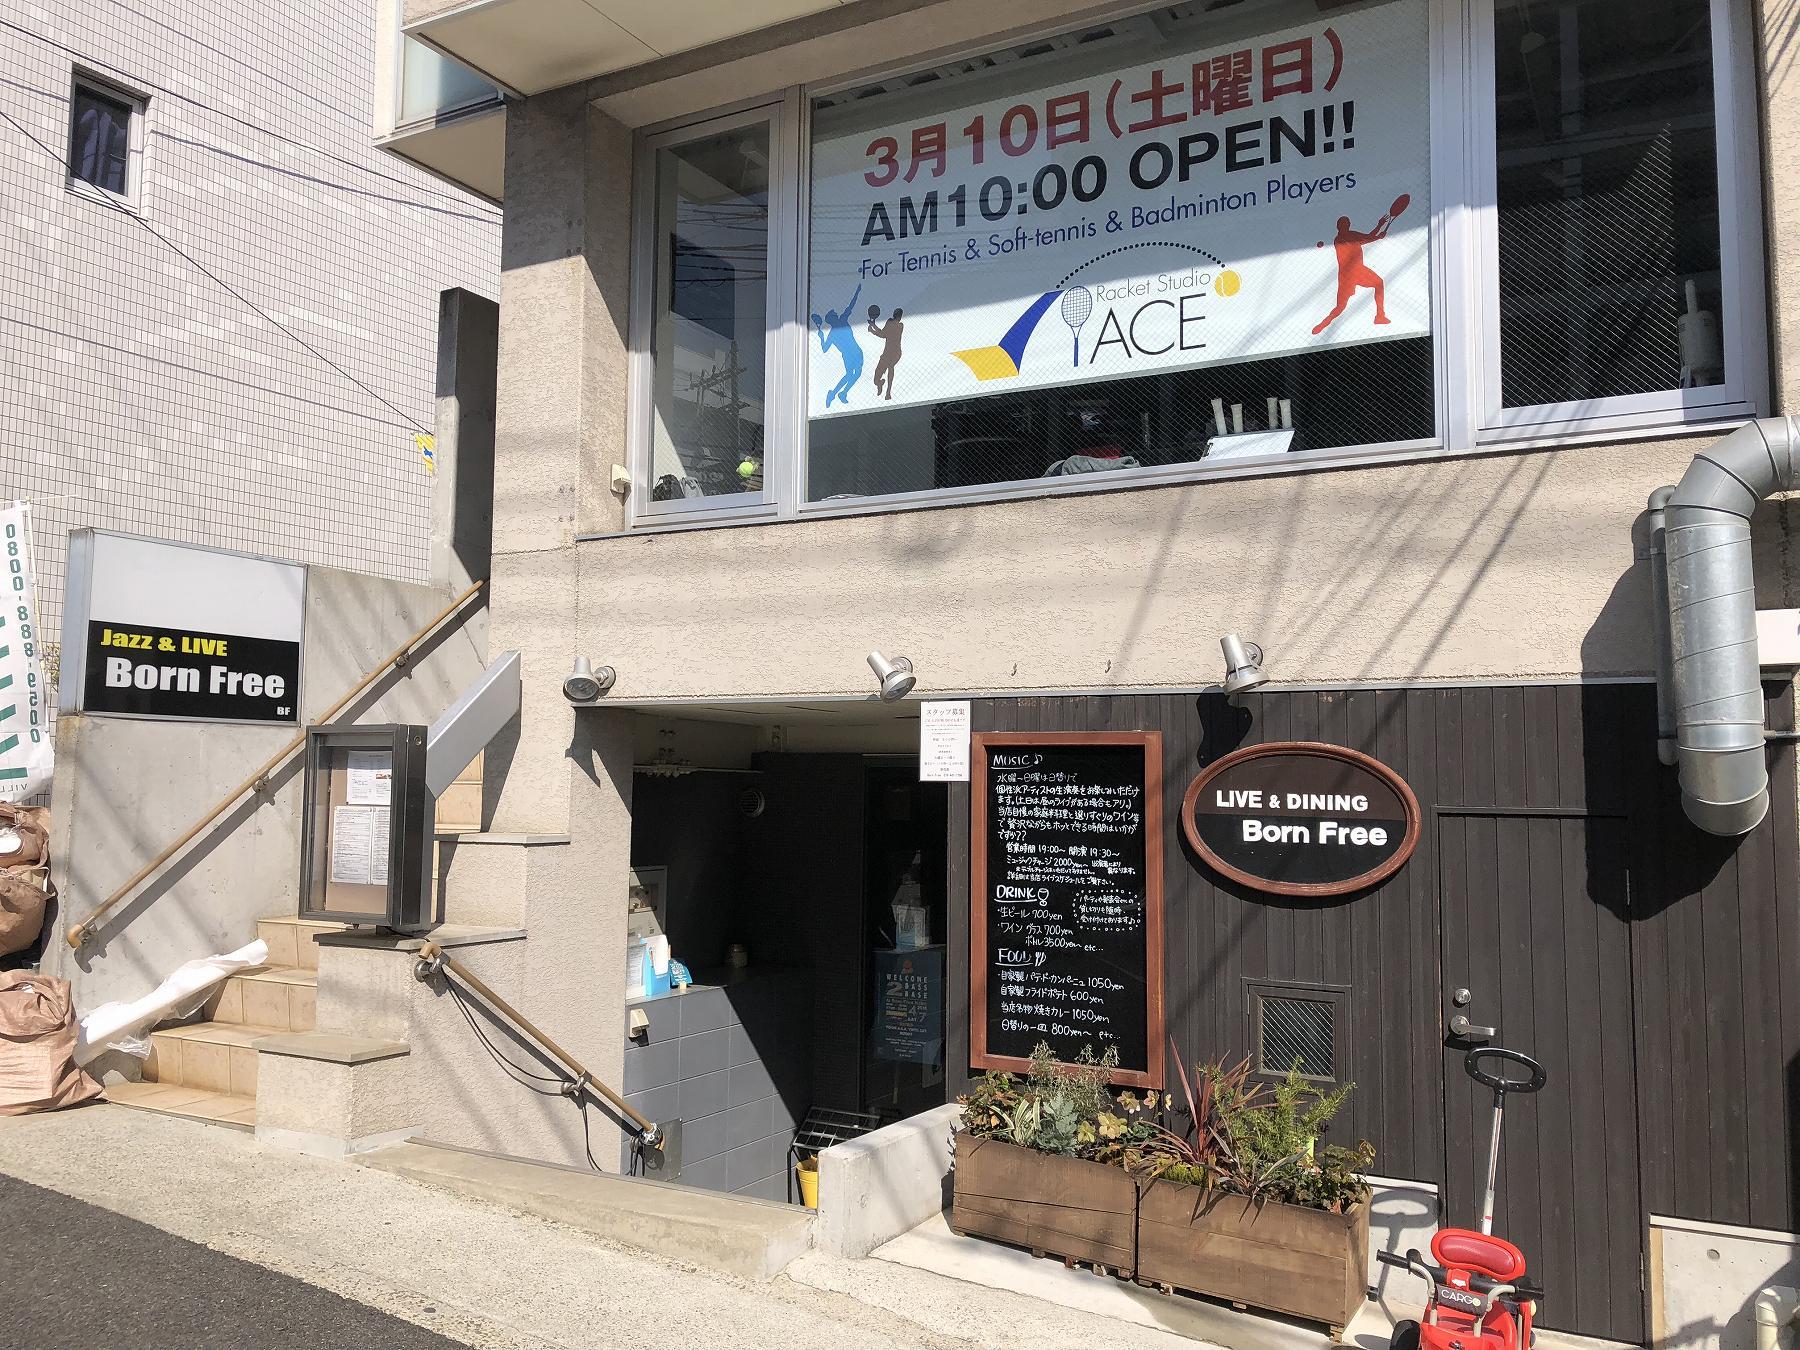 神戸・岡本の十二間道路沿いに3/10(土)「ラケットスタジオエース」がオープンするよ!#新規オープン #東灘区 #ラケットスタジオエース